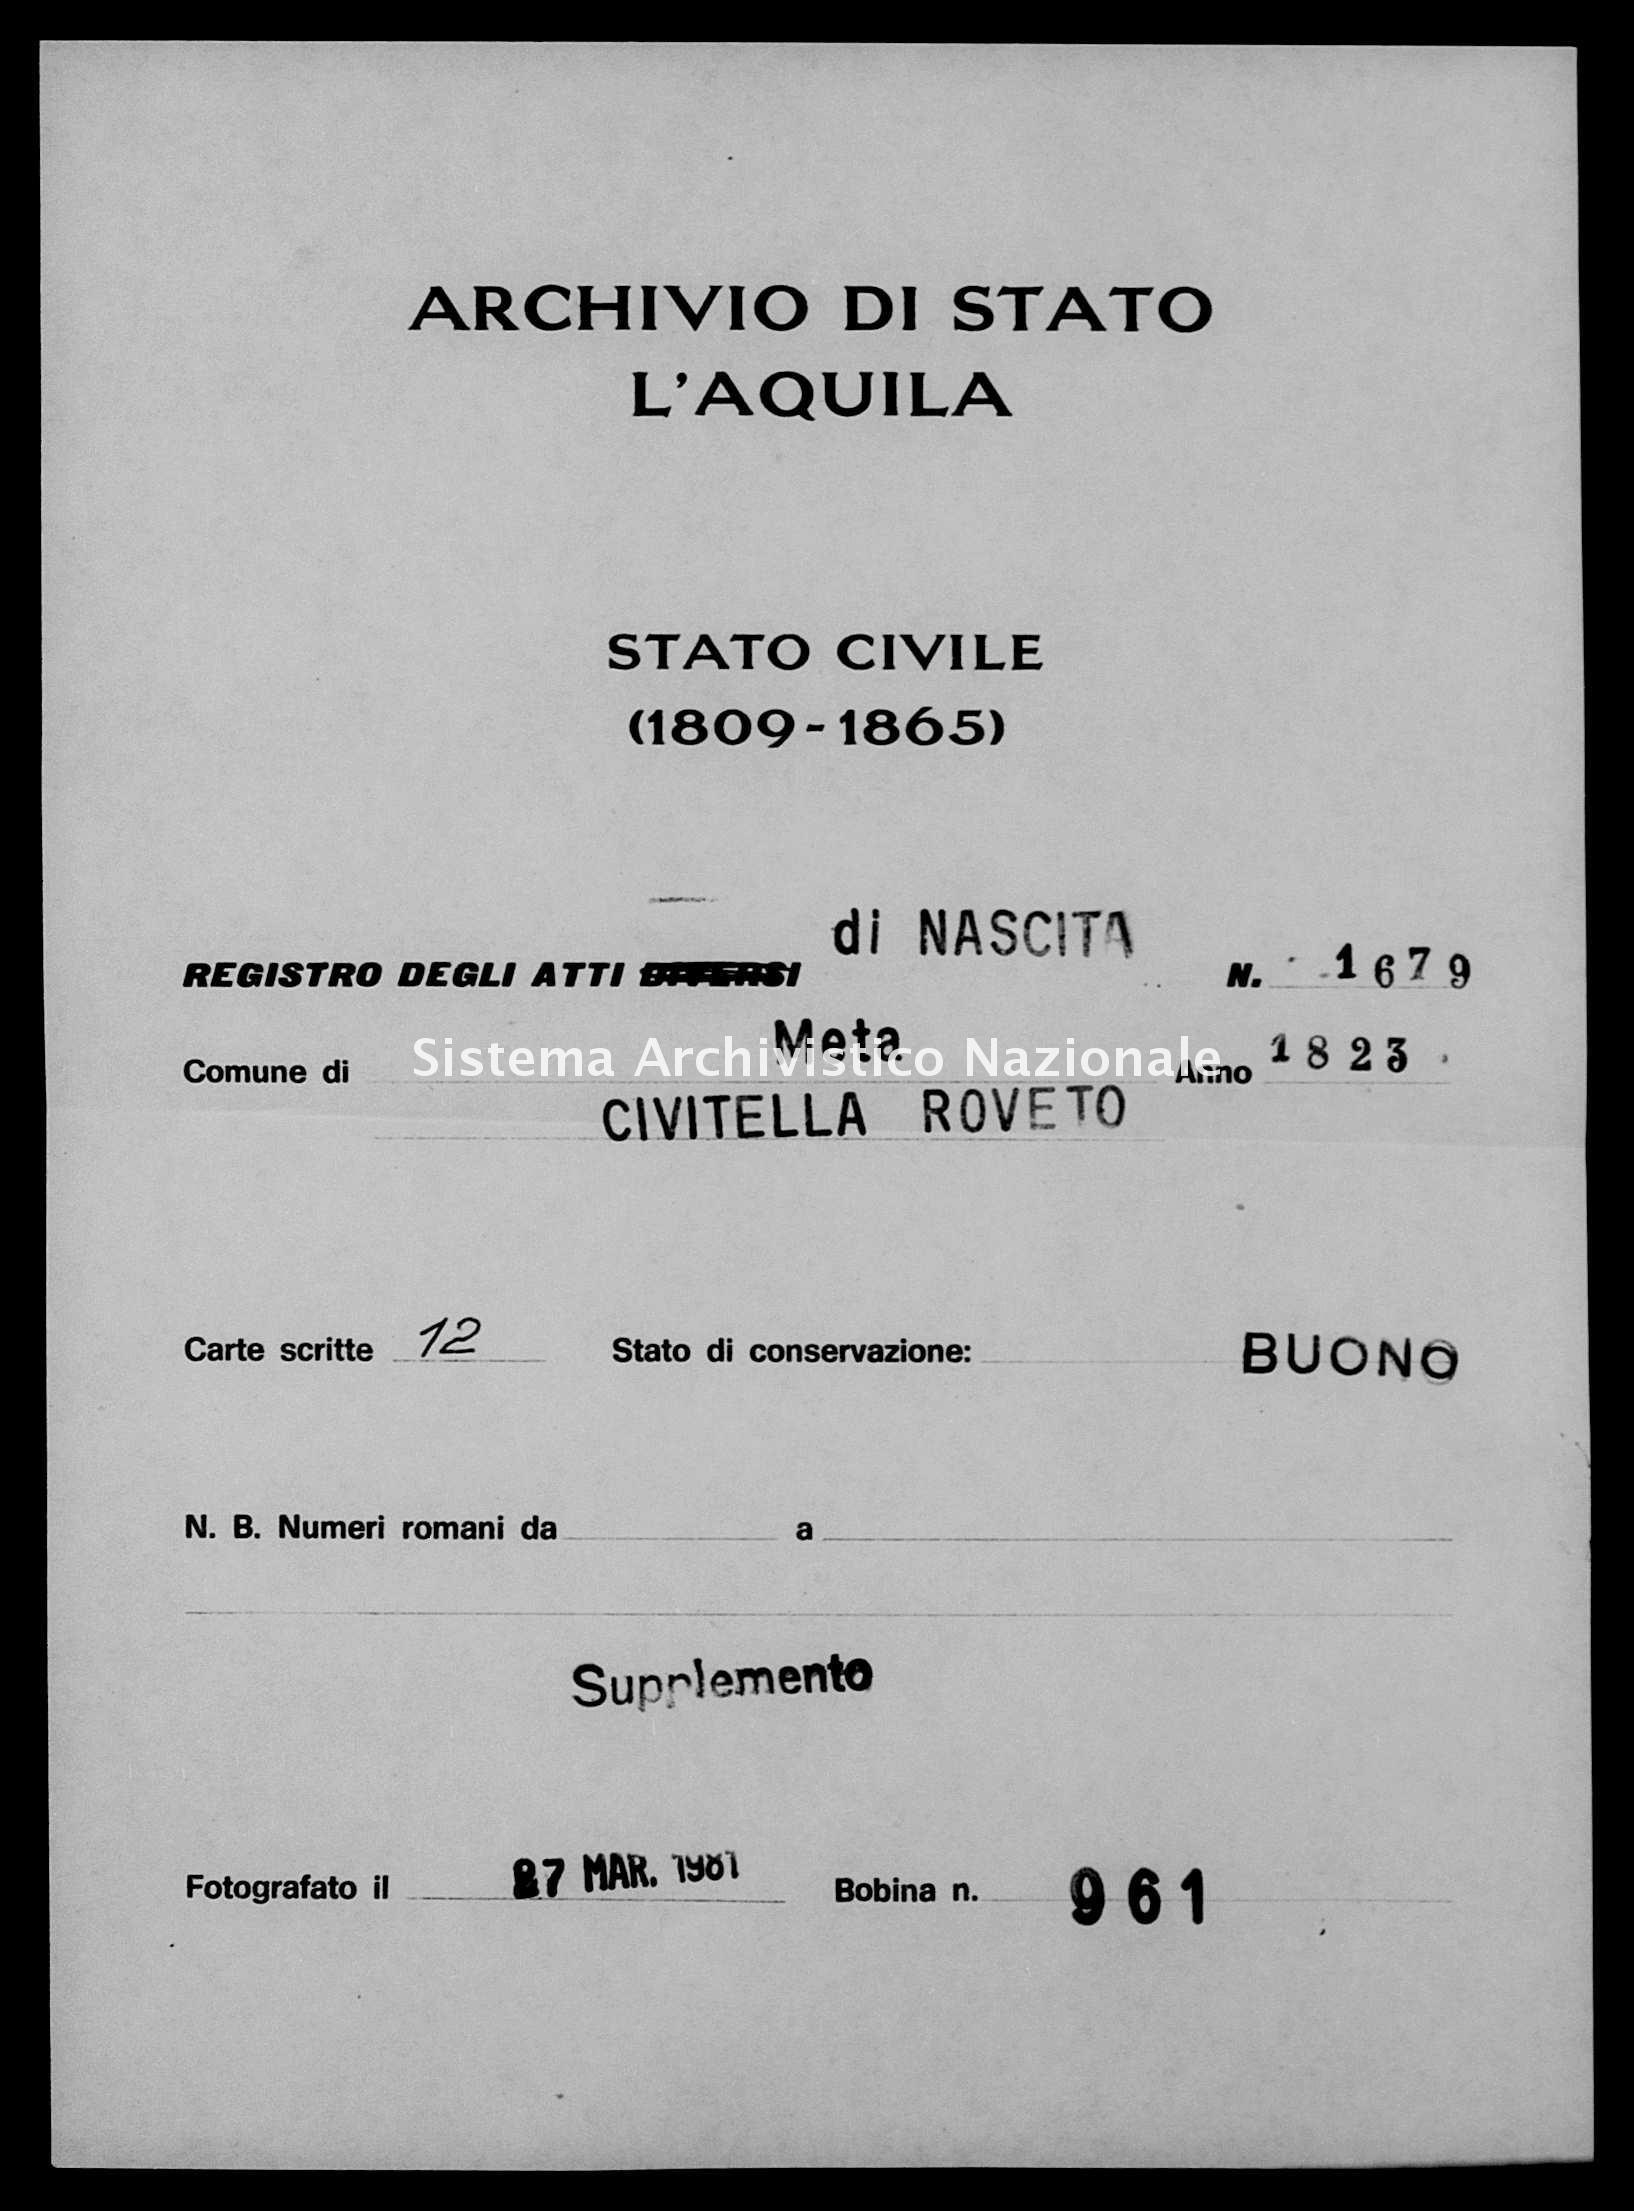 Archivio di stato di L'aquila - Stato civile della restaurazione - Meta - Nati, battesimi - 1823 - 1679 -